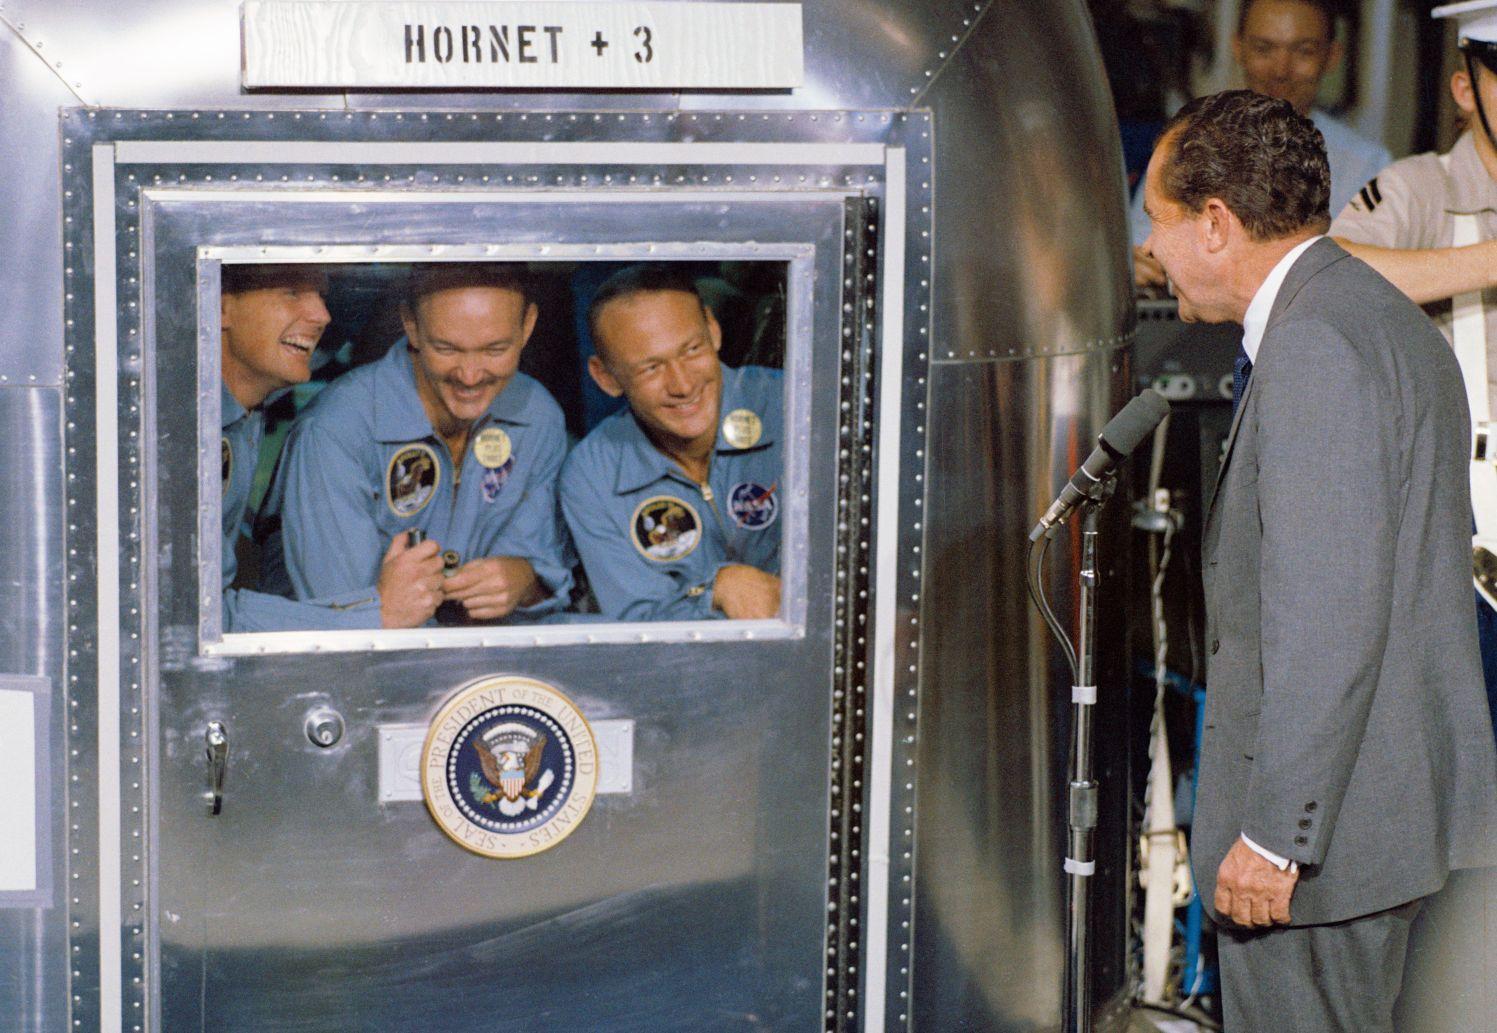 Neil A. Armstrong, Michael Collins i Buzz Aldrin na spotkaniu z prezydentem Nixonem w czasie kwarantanny po powrocie z księżyca (fot. nasa.gov / domena publiczna)